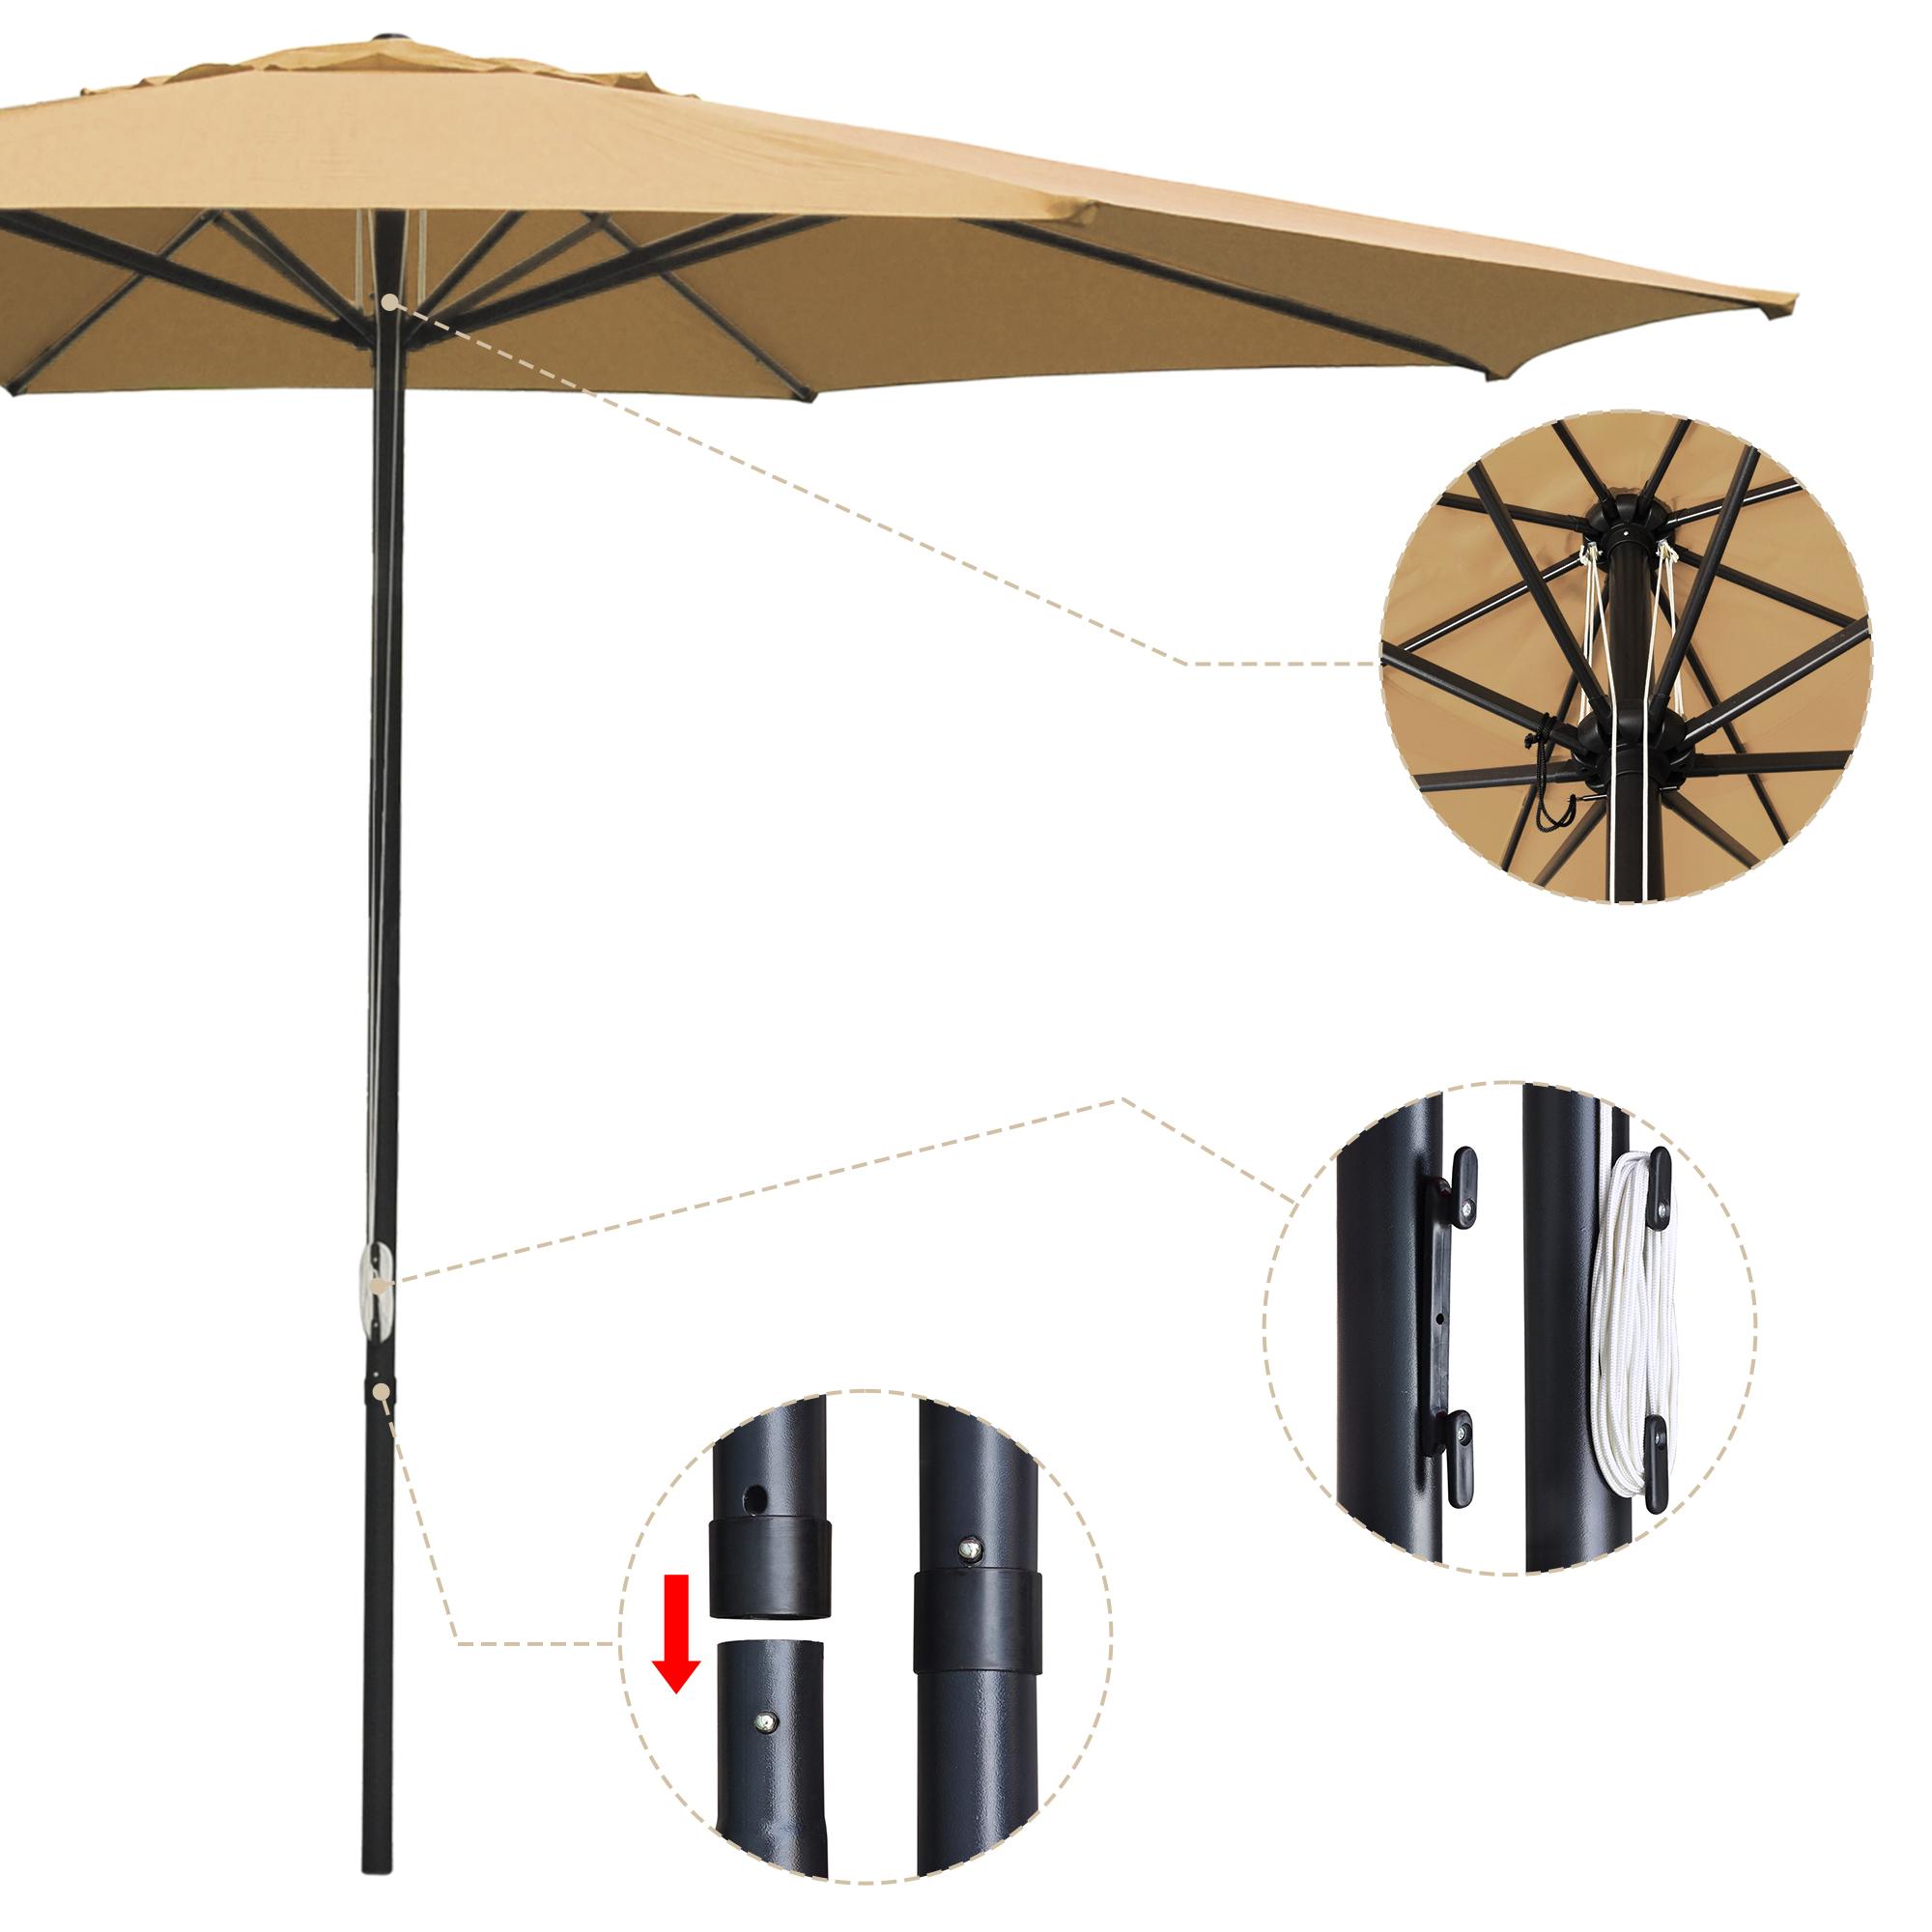 thumbnail 68 - 13' FT Sun Shade Patio Aluminum Umbrella UV30+ Outdoor Market Garden Beach Deck